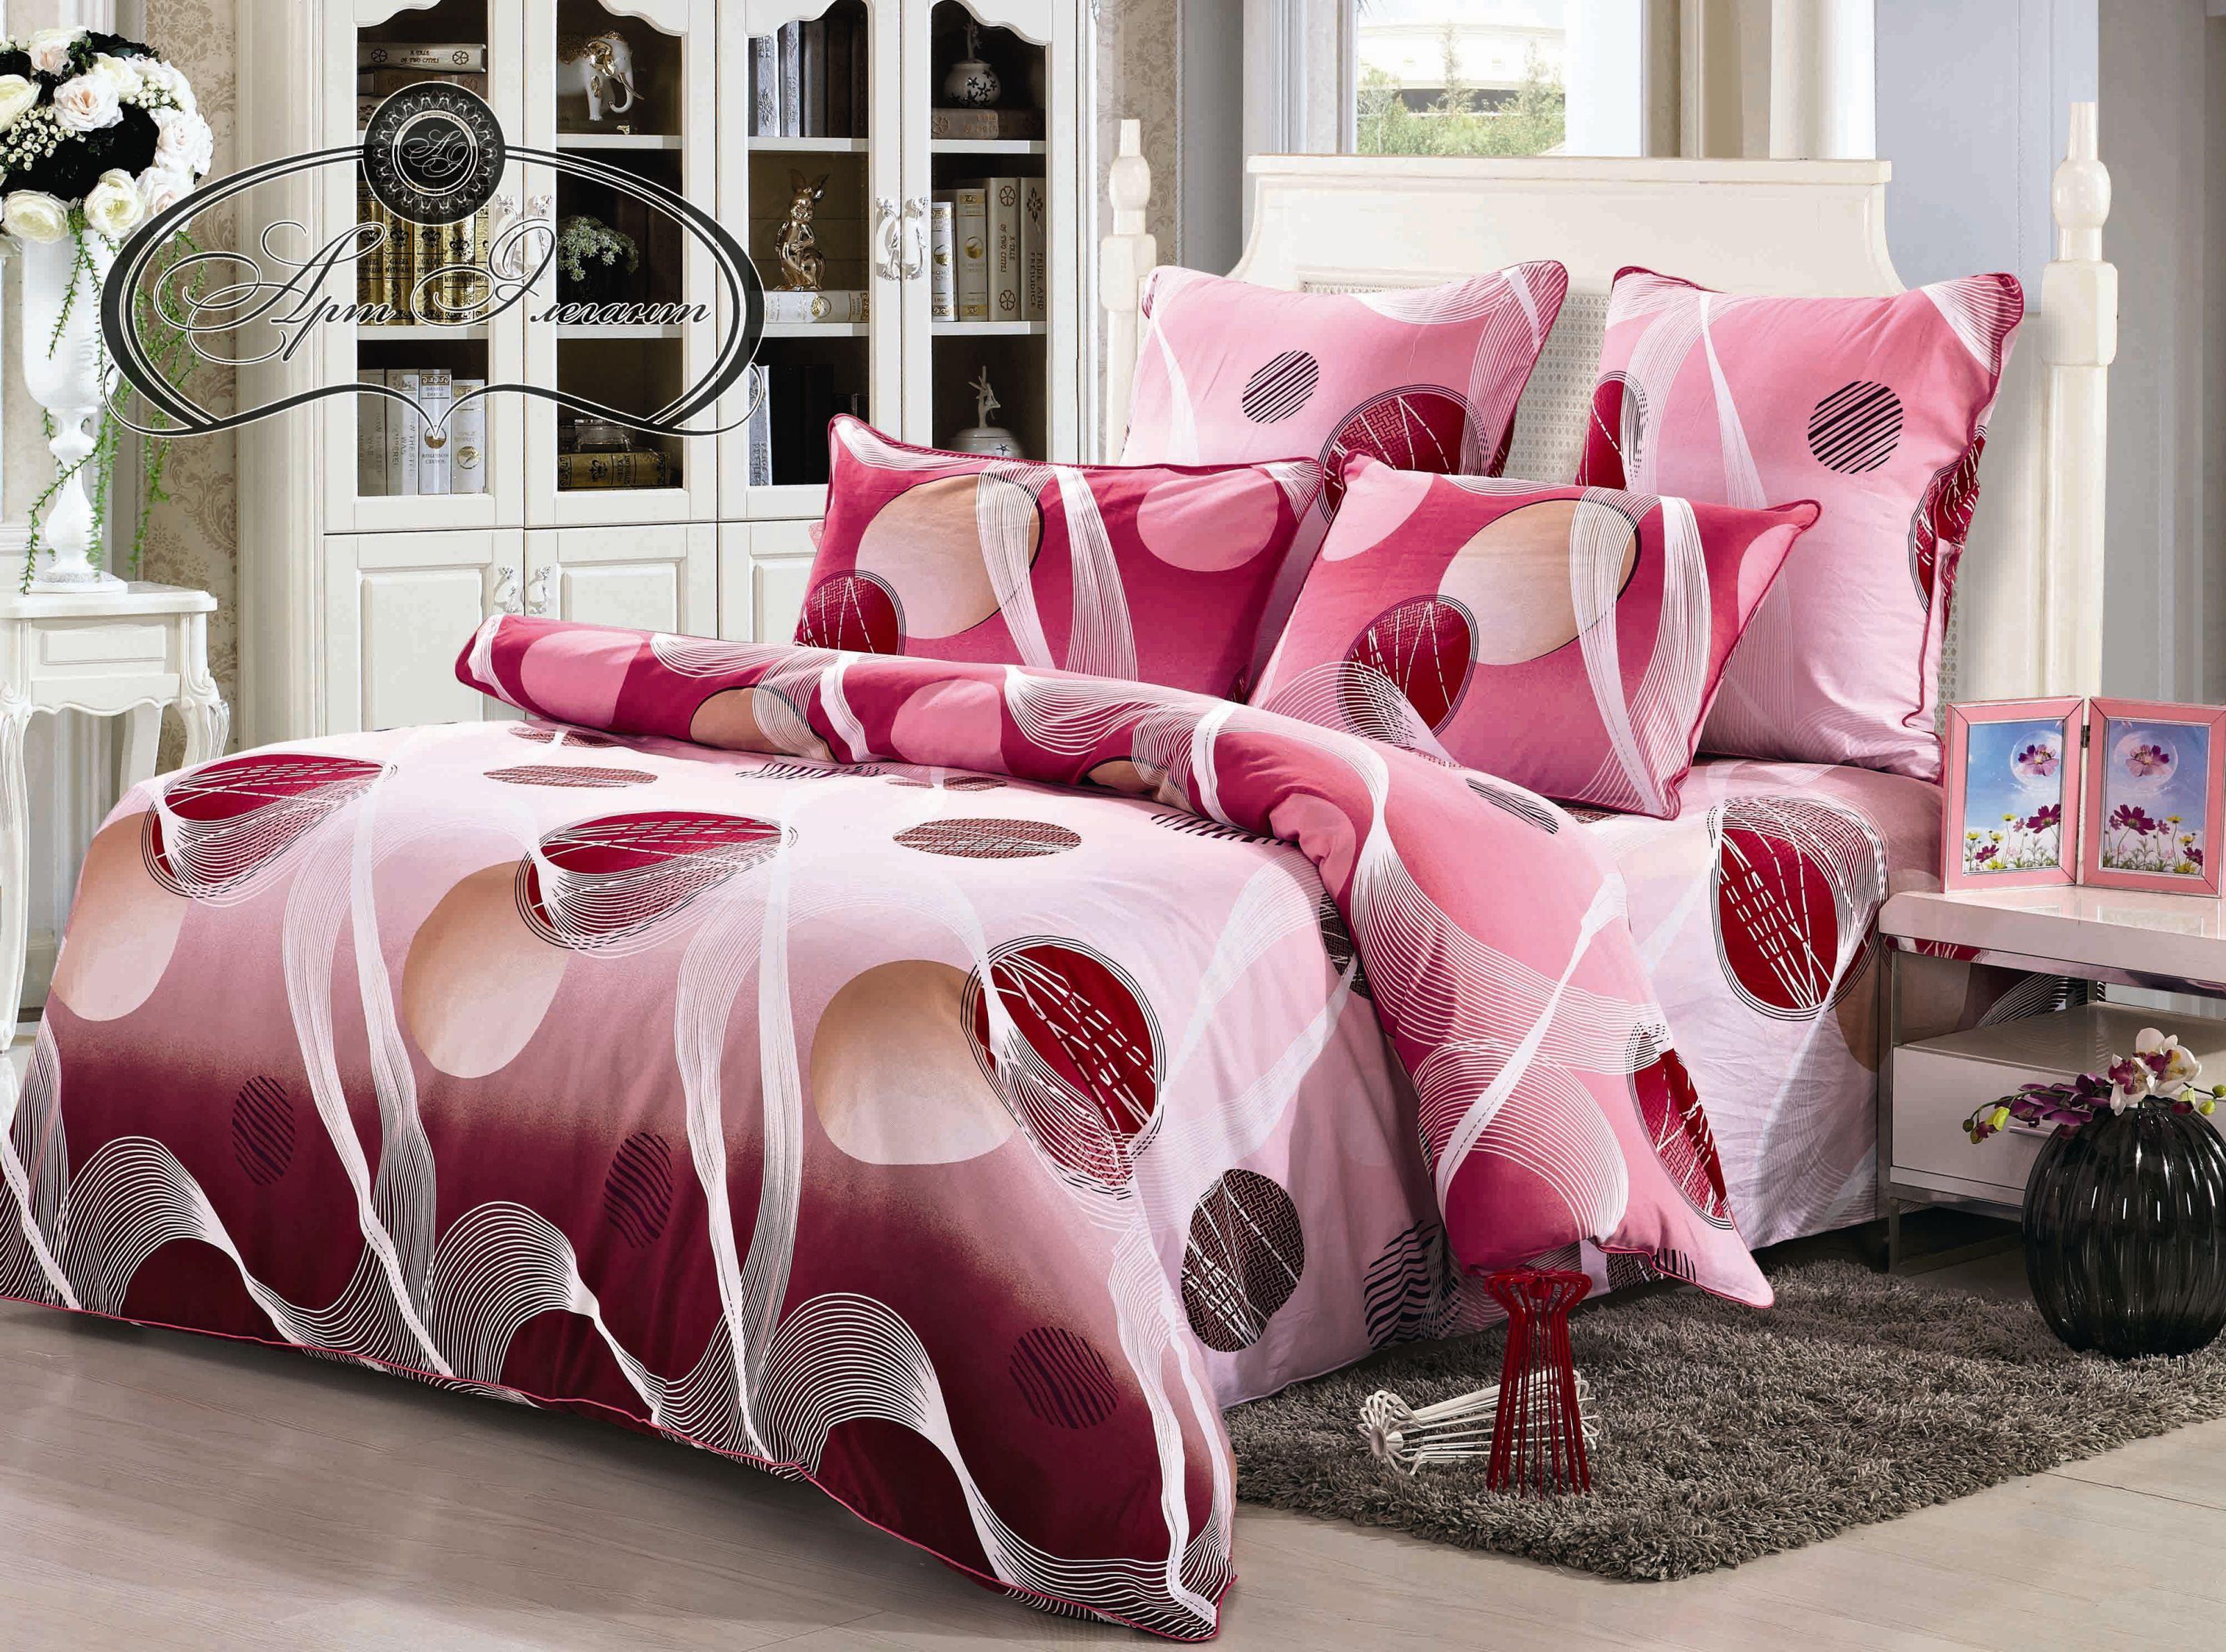 Комплект  Сиена , размер 2,0-спальный с 4 наволочками - Постельное белье артикул: 10758